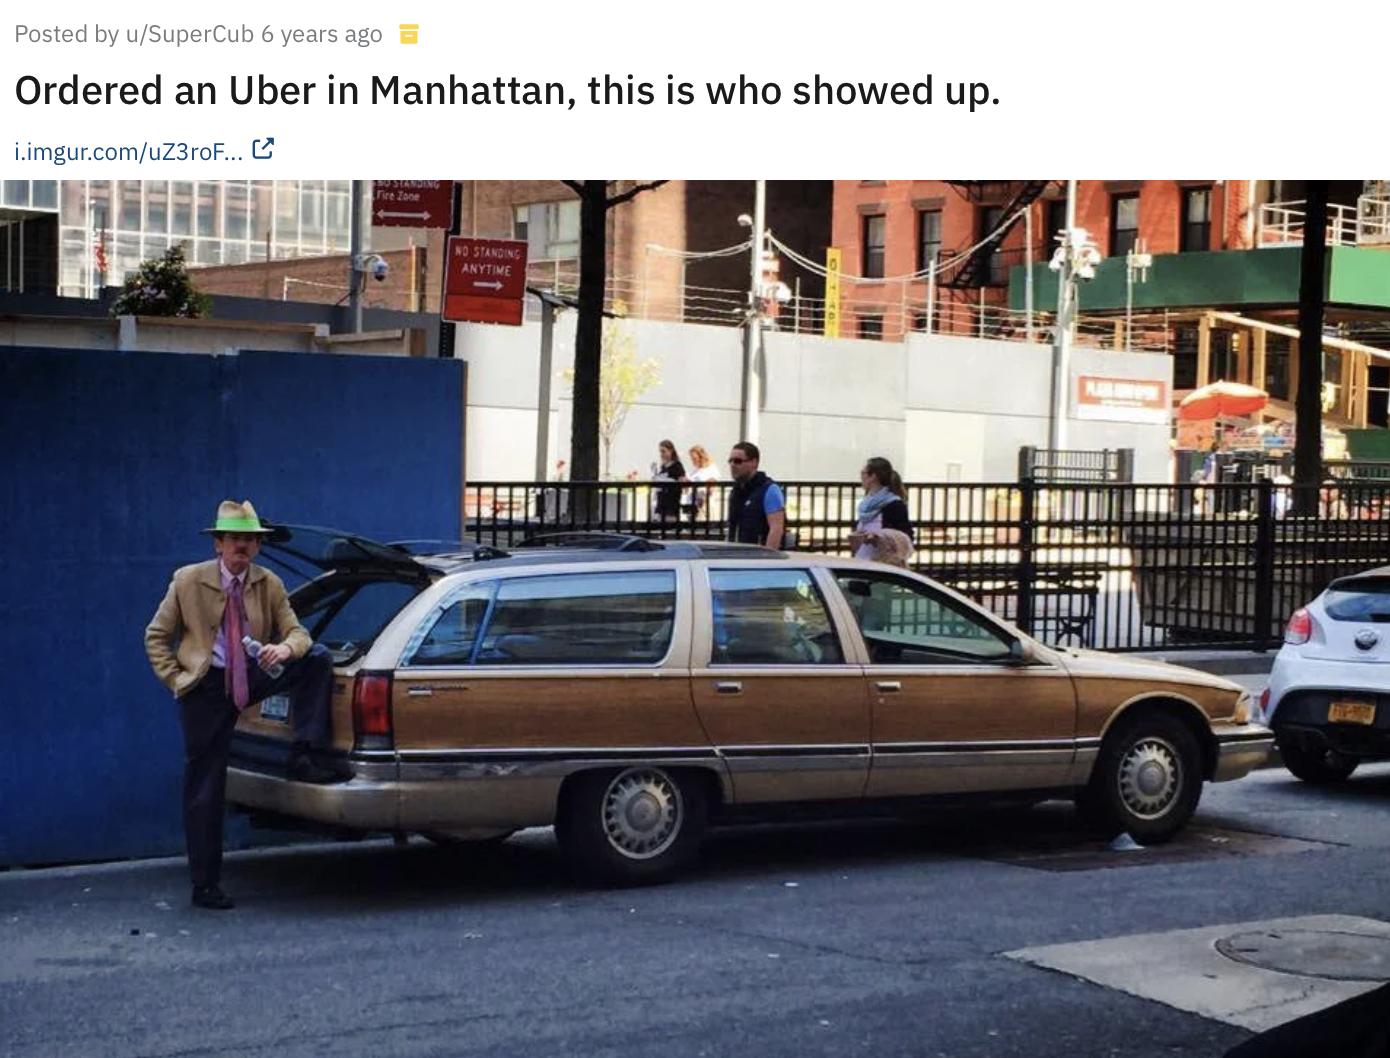 Елегантний таксист на Мангеттені.